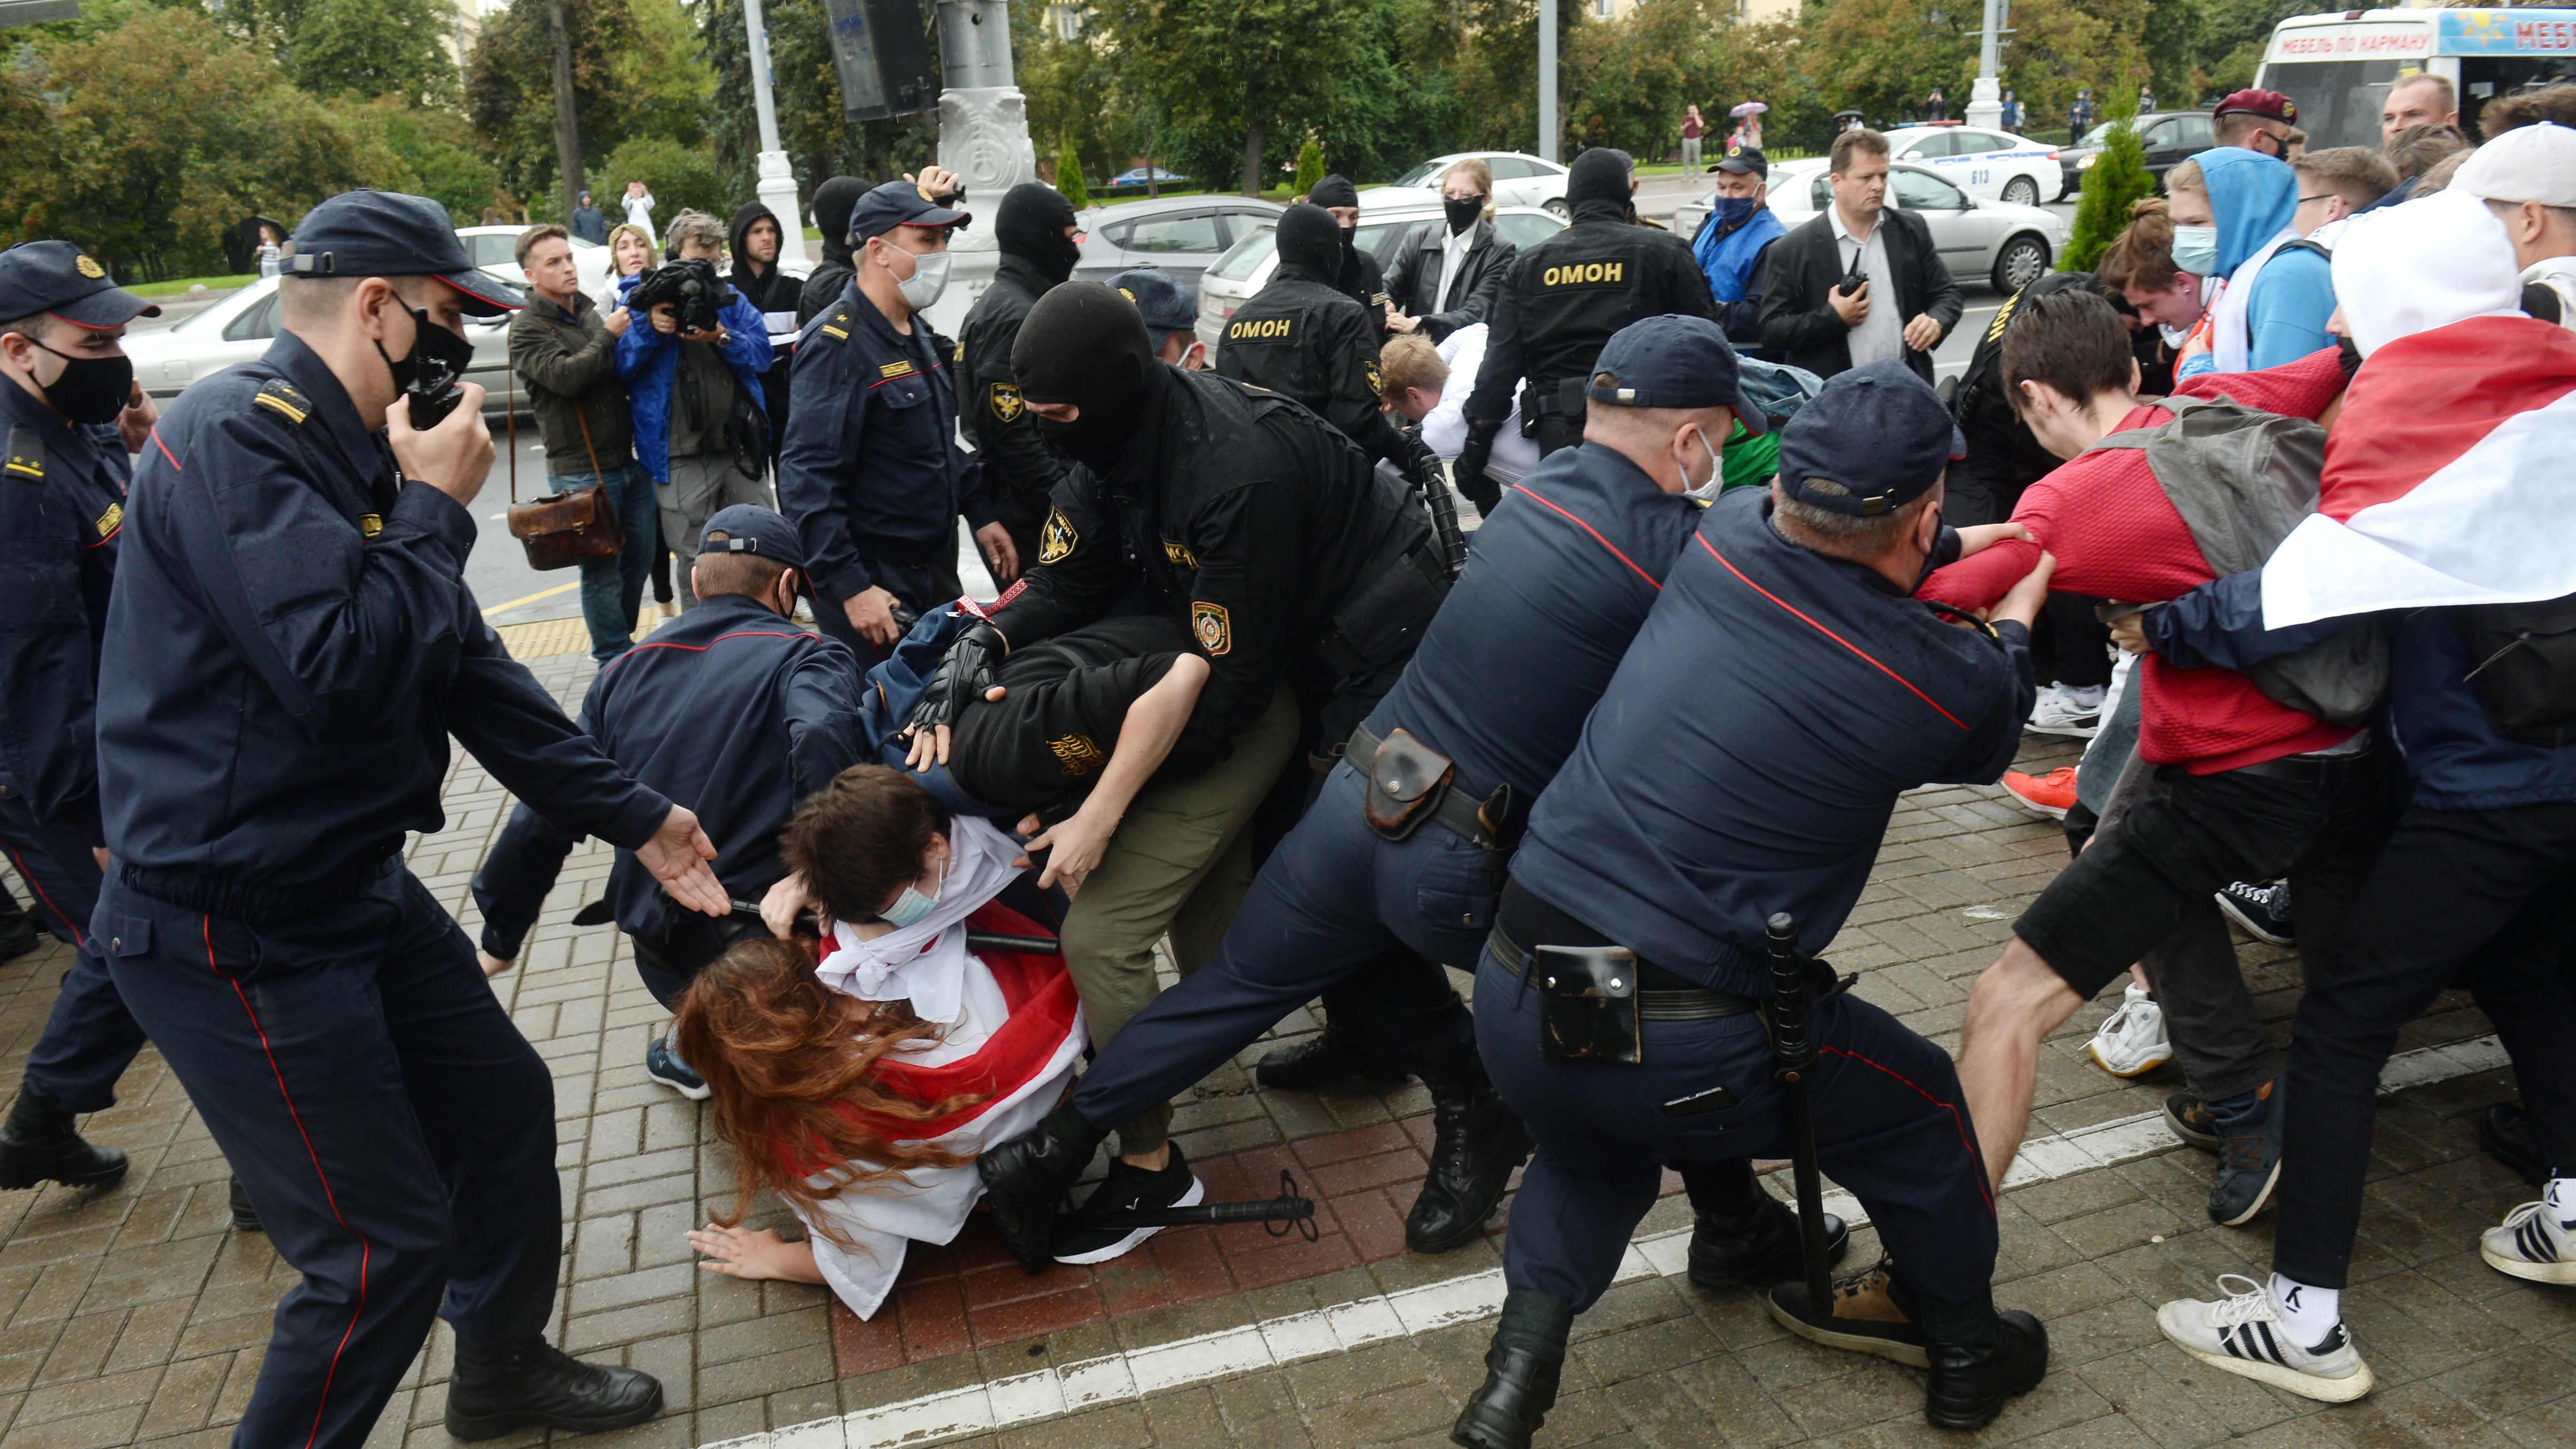 Valko-Venäjän poliisi ja OMON-erikoispoliisit taltuttavat opiskelijoita jotka osoittavat mieltä.